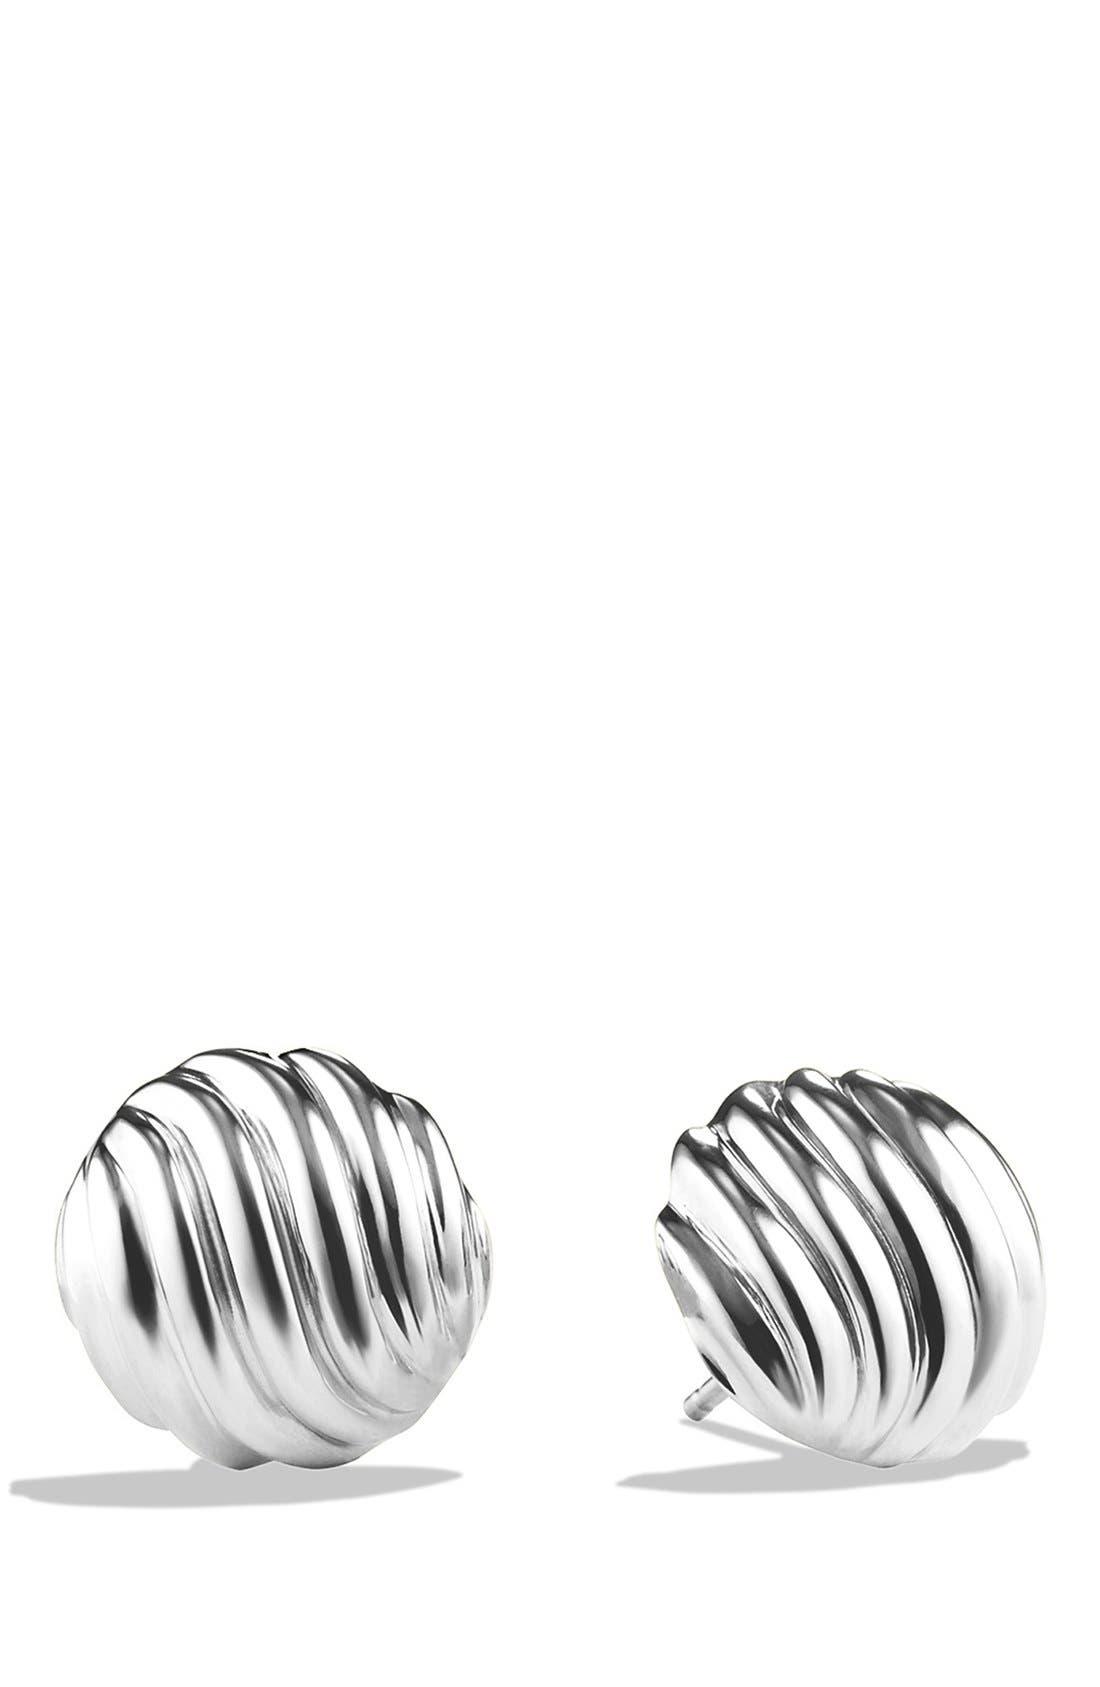 David Yurman 'Sculpted Cable' Earrings